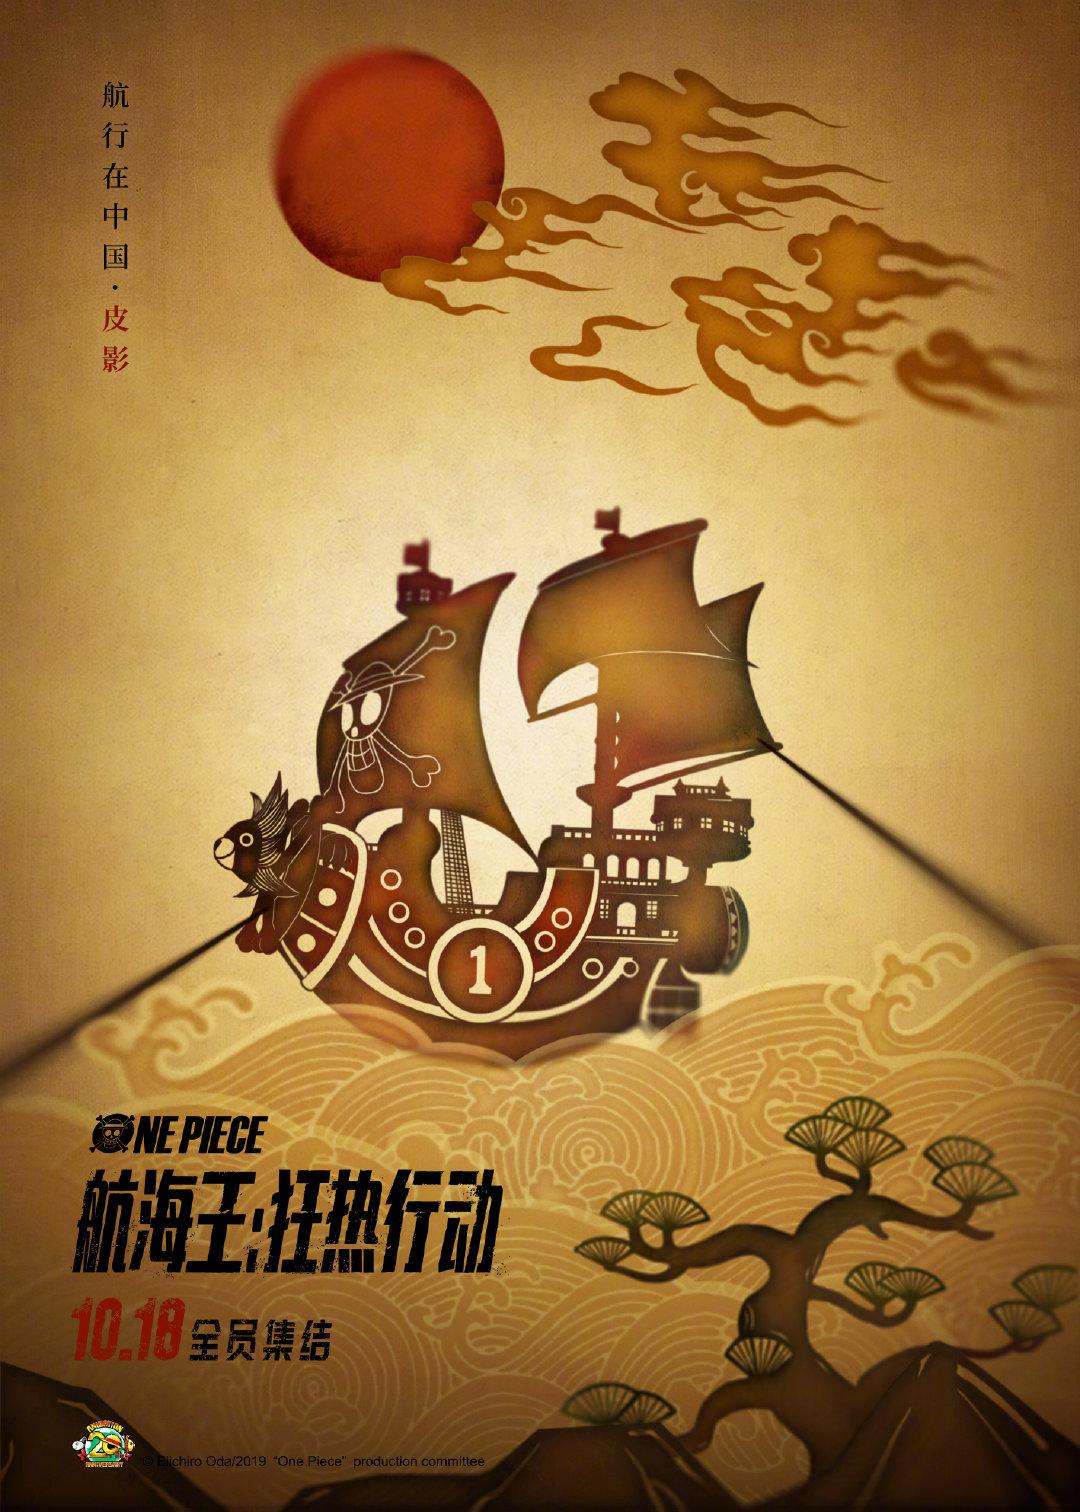 海贼王中国风海报好帅有没有